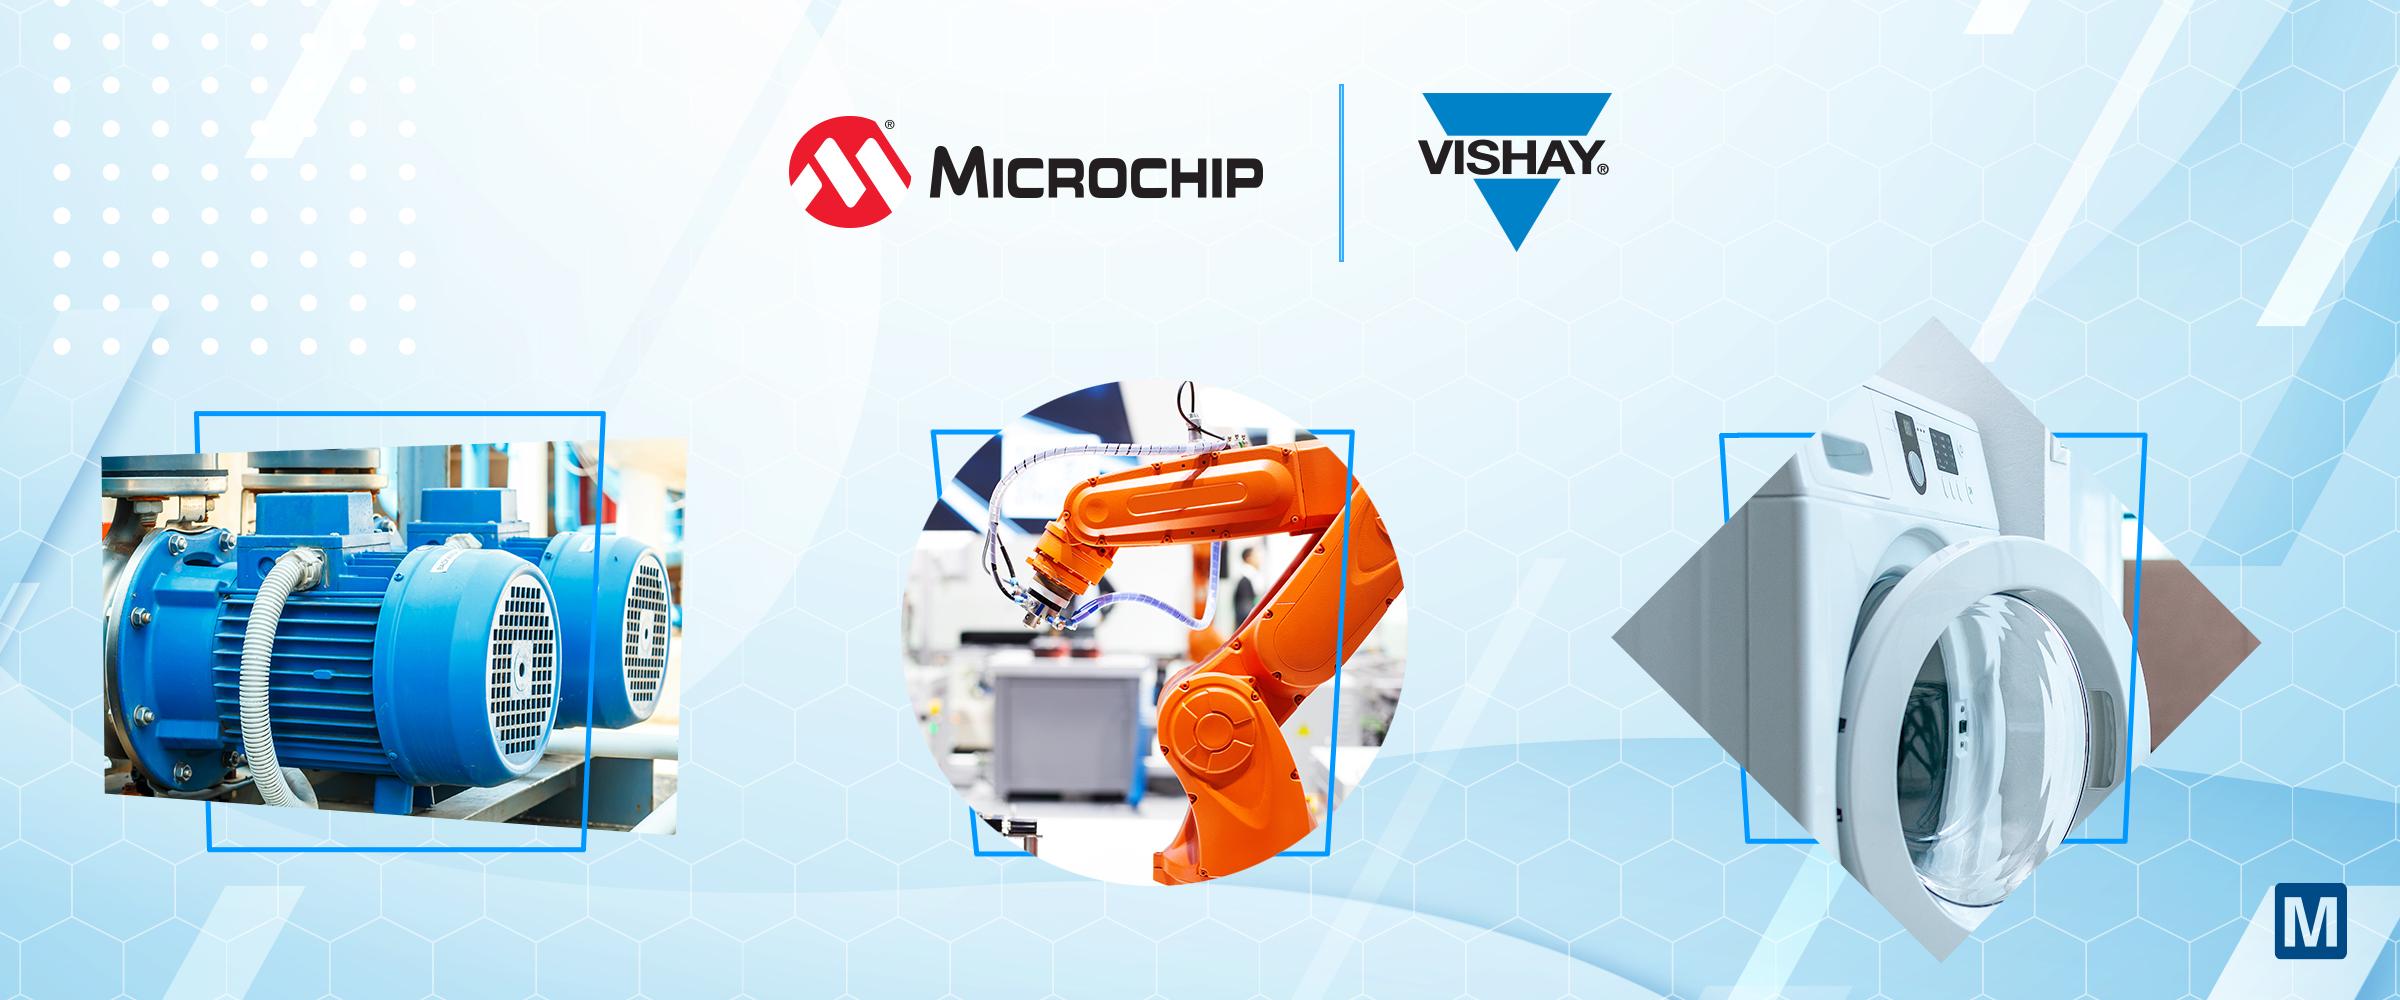 贸泽电子推出Microchip和Vishay电阻式电流传感解决方案网站